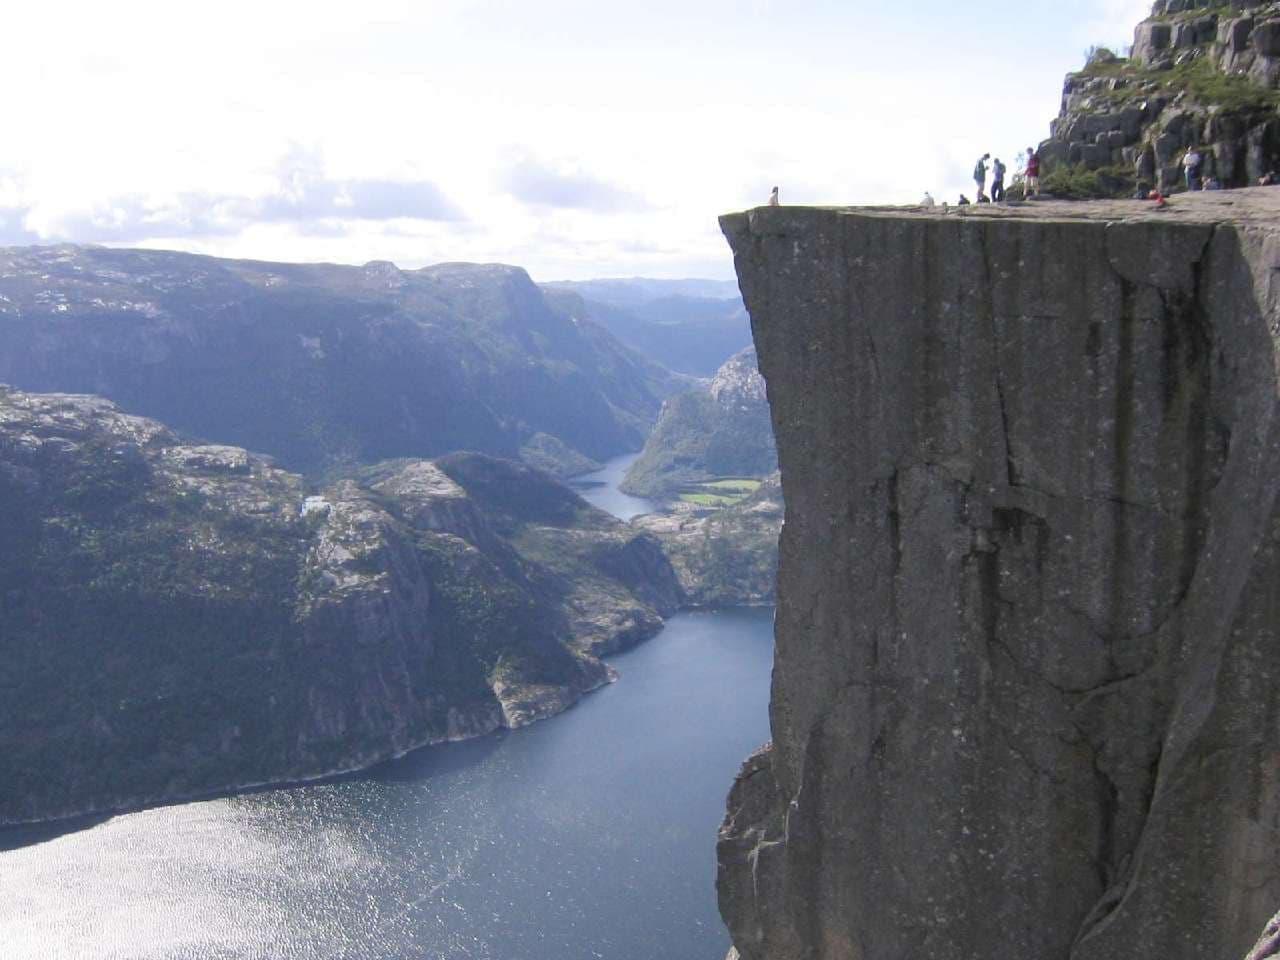 アナ、クリストフ、オラフが落ちた崖にプールを作る? 崖からフィヨルドを見下ろせる、世界一怖いスケスケプール